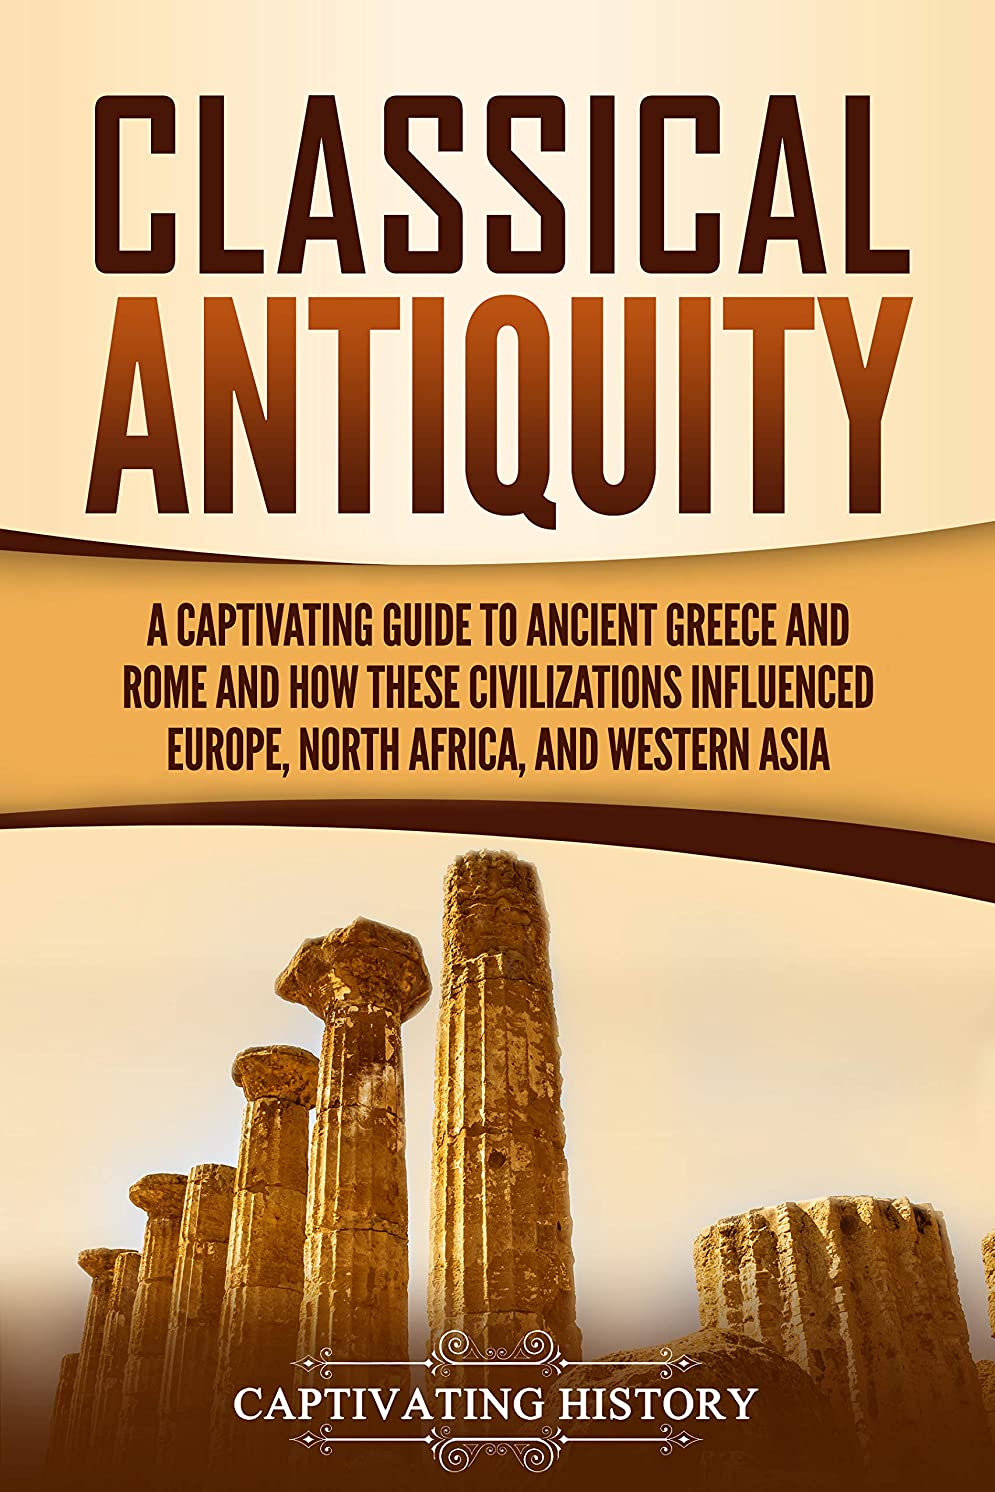 ホテル遮るプレミアムClassical Antiquity: A Captivating Guide to Ancient Greece and Rome and How These Civilizations Influenced Europe, North Africa, and Western Asia (English Edition)